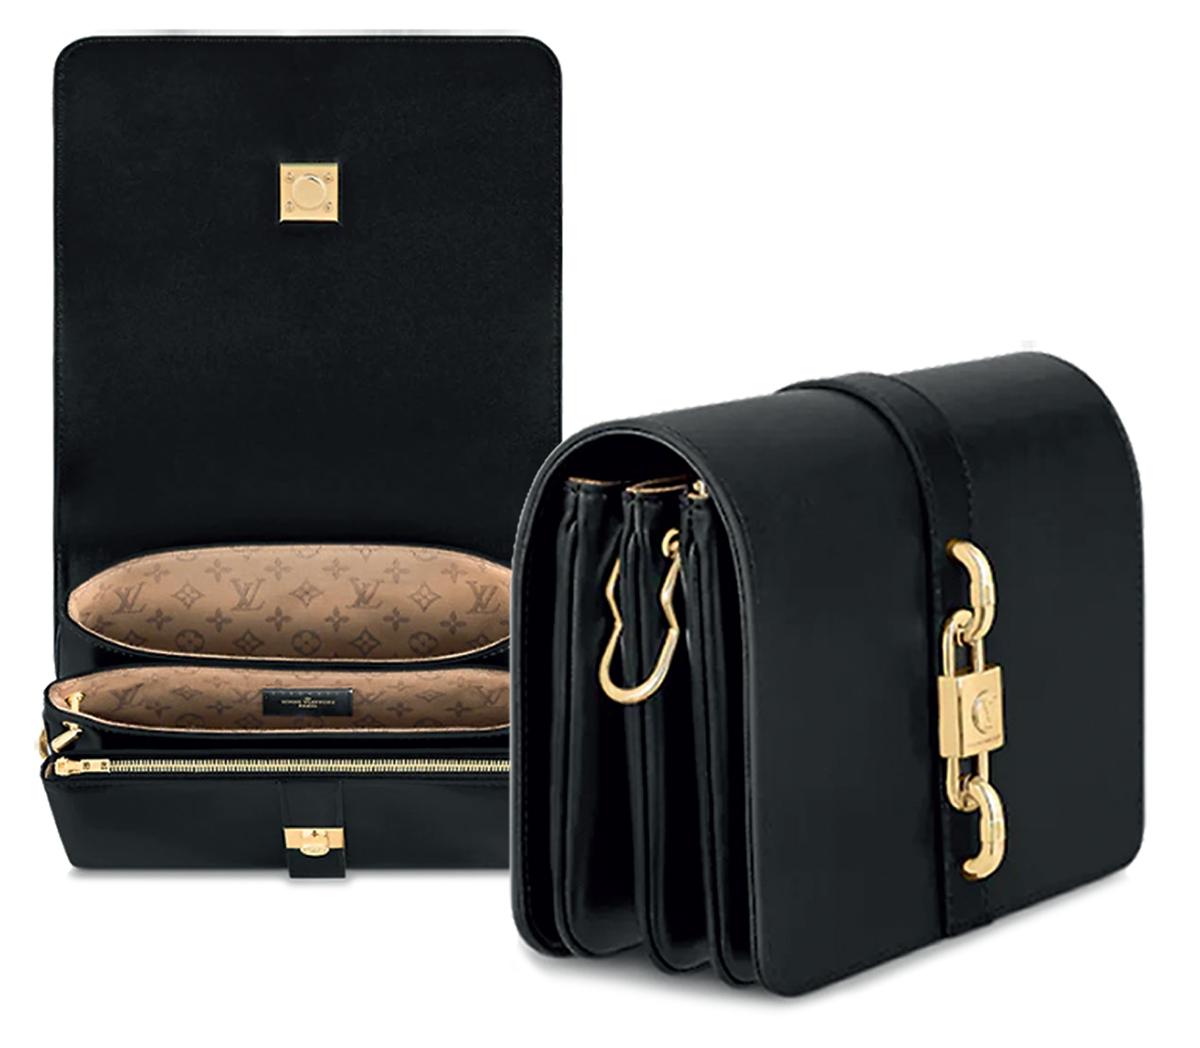 Louis Vuitton's Rendez-Vous Bag